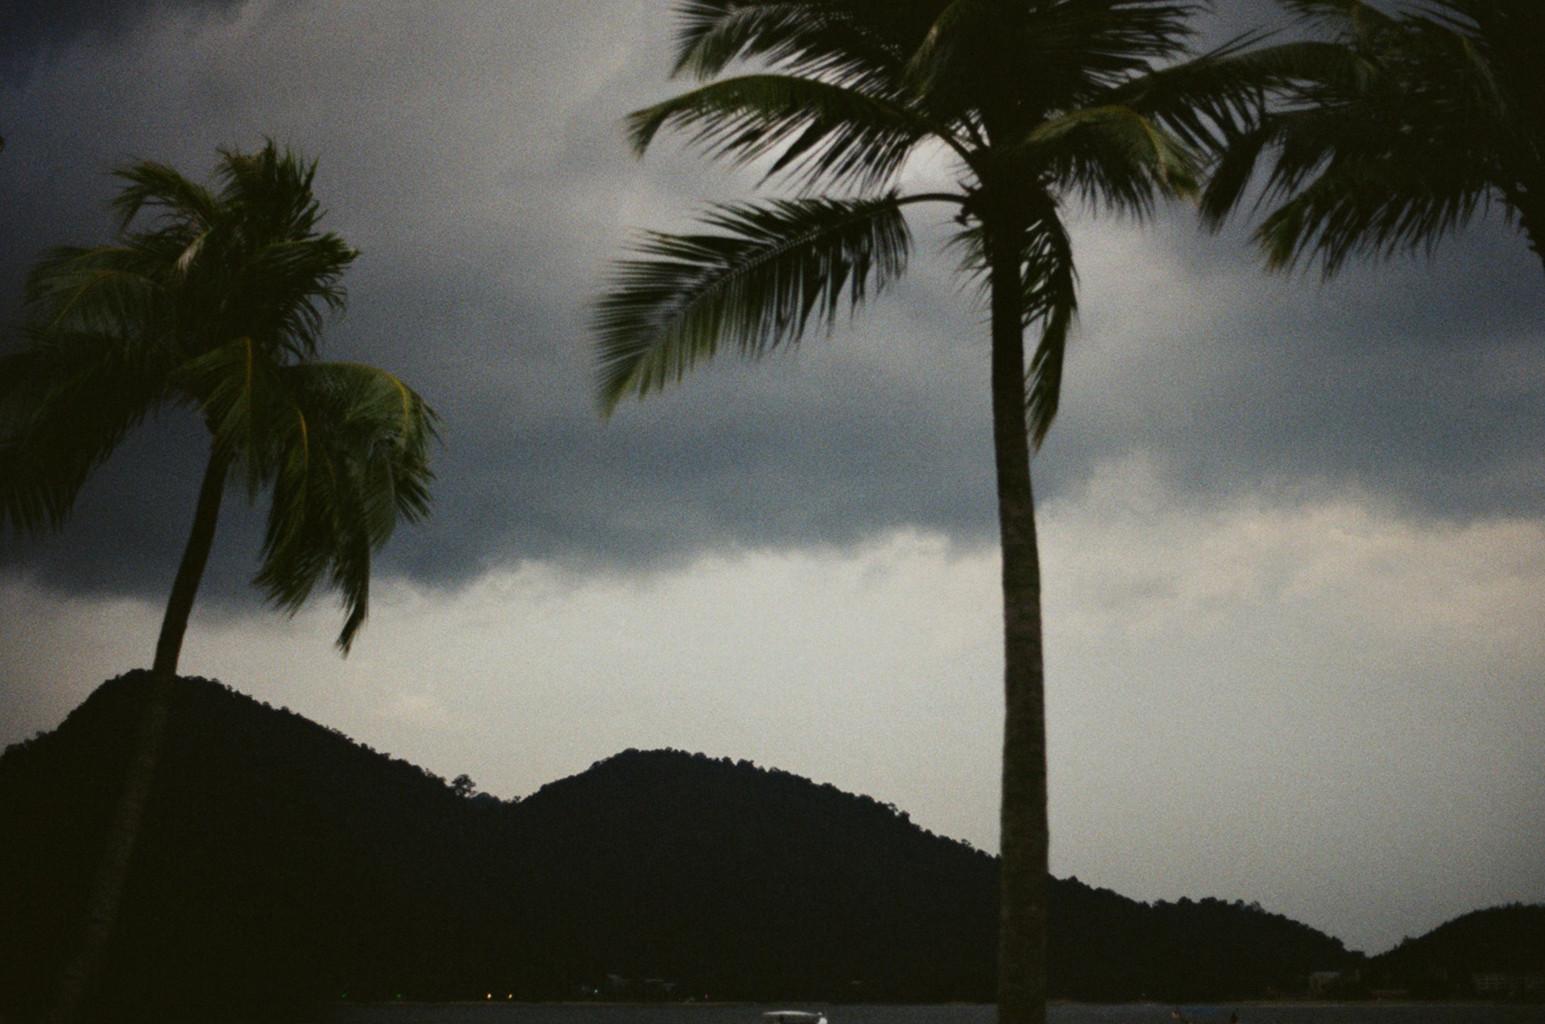 MALAYSIA, 2016